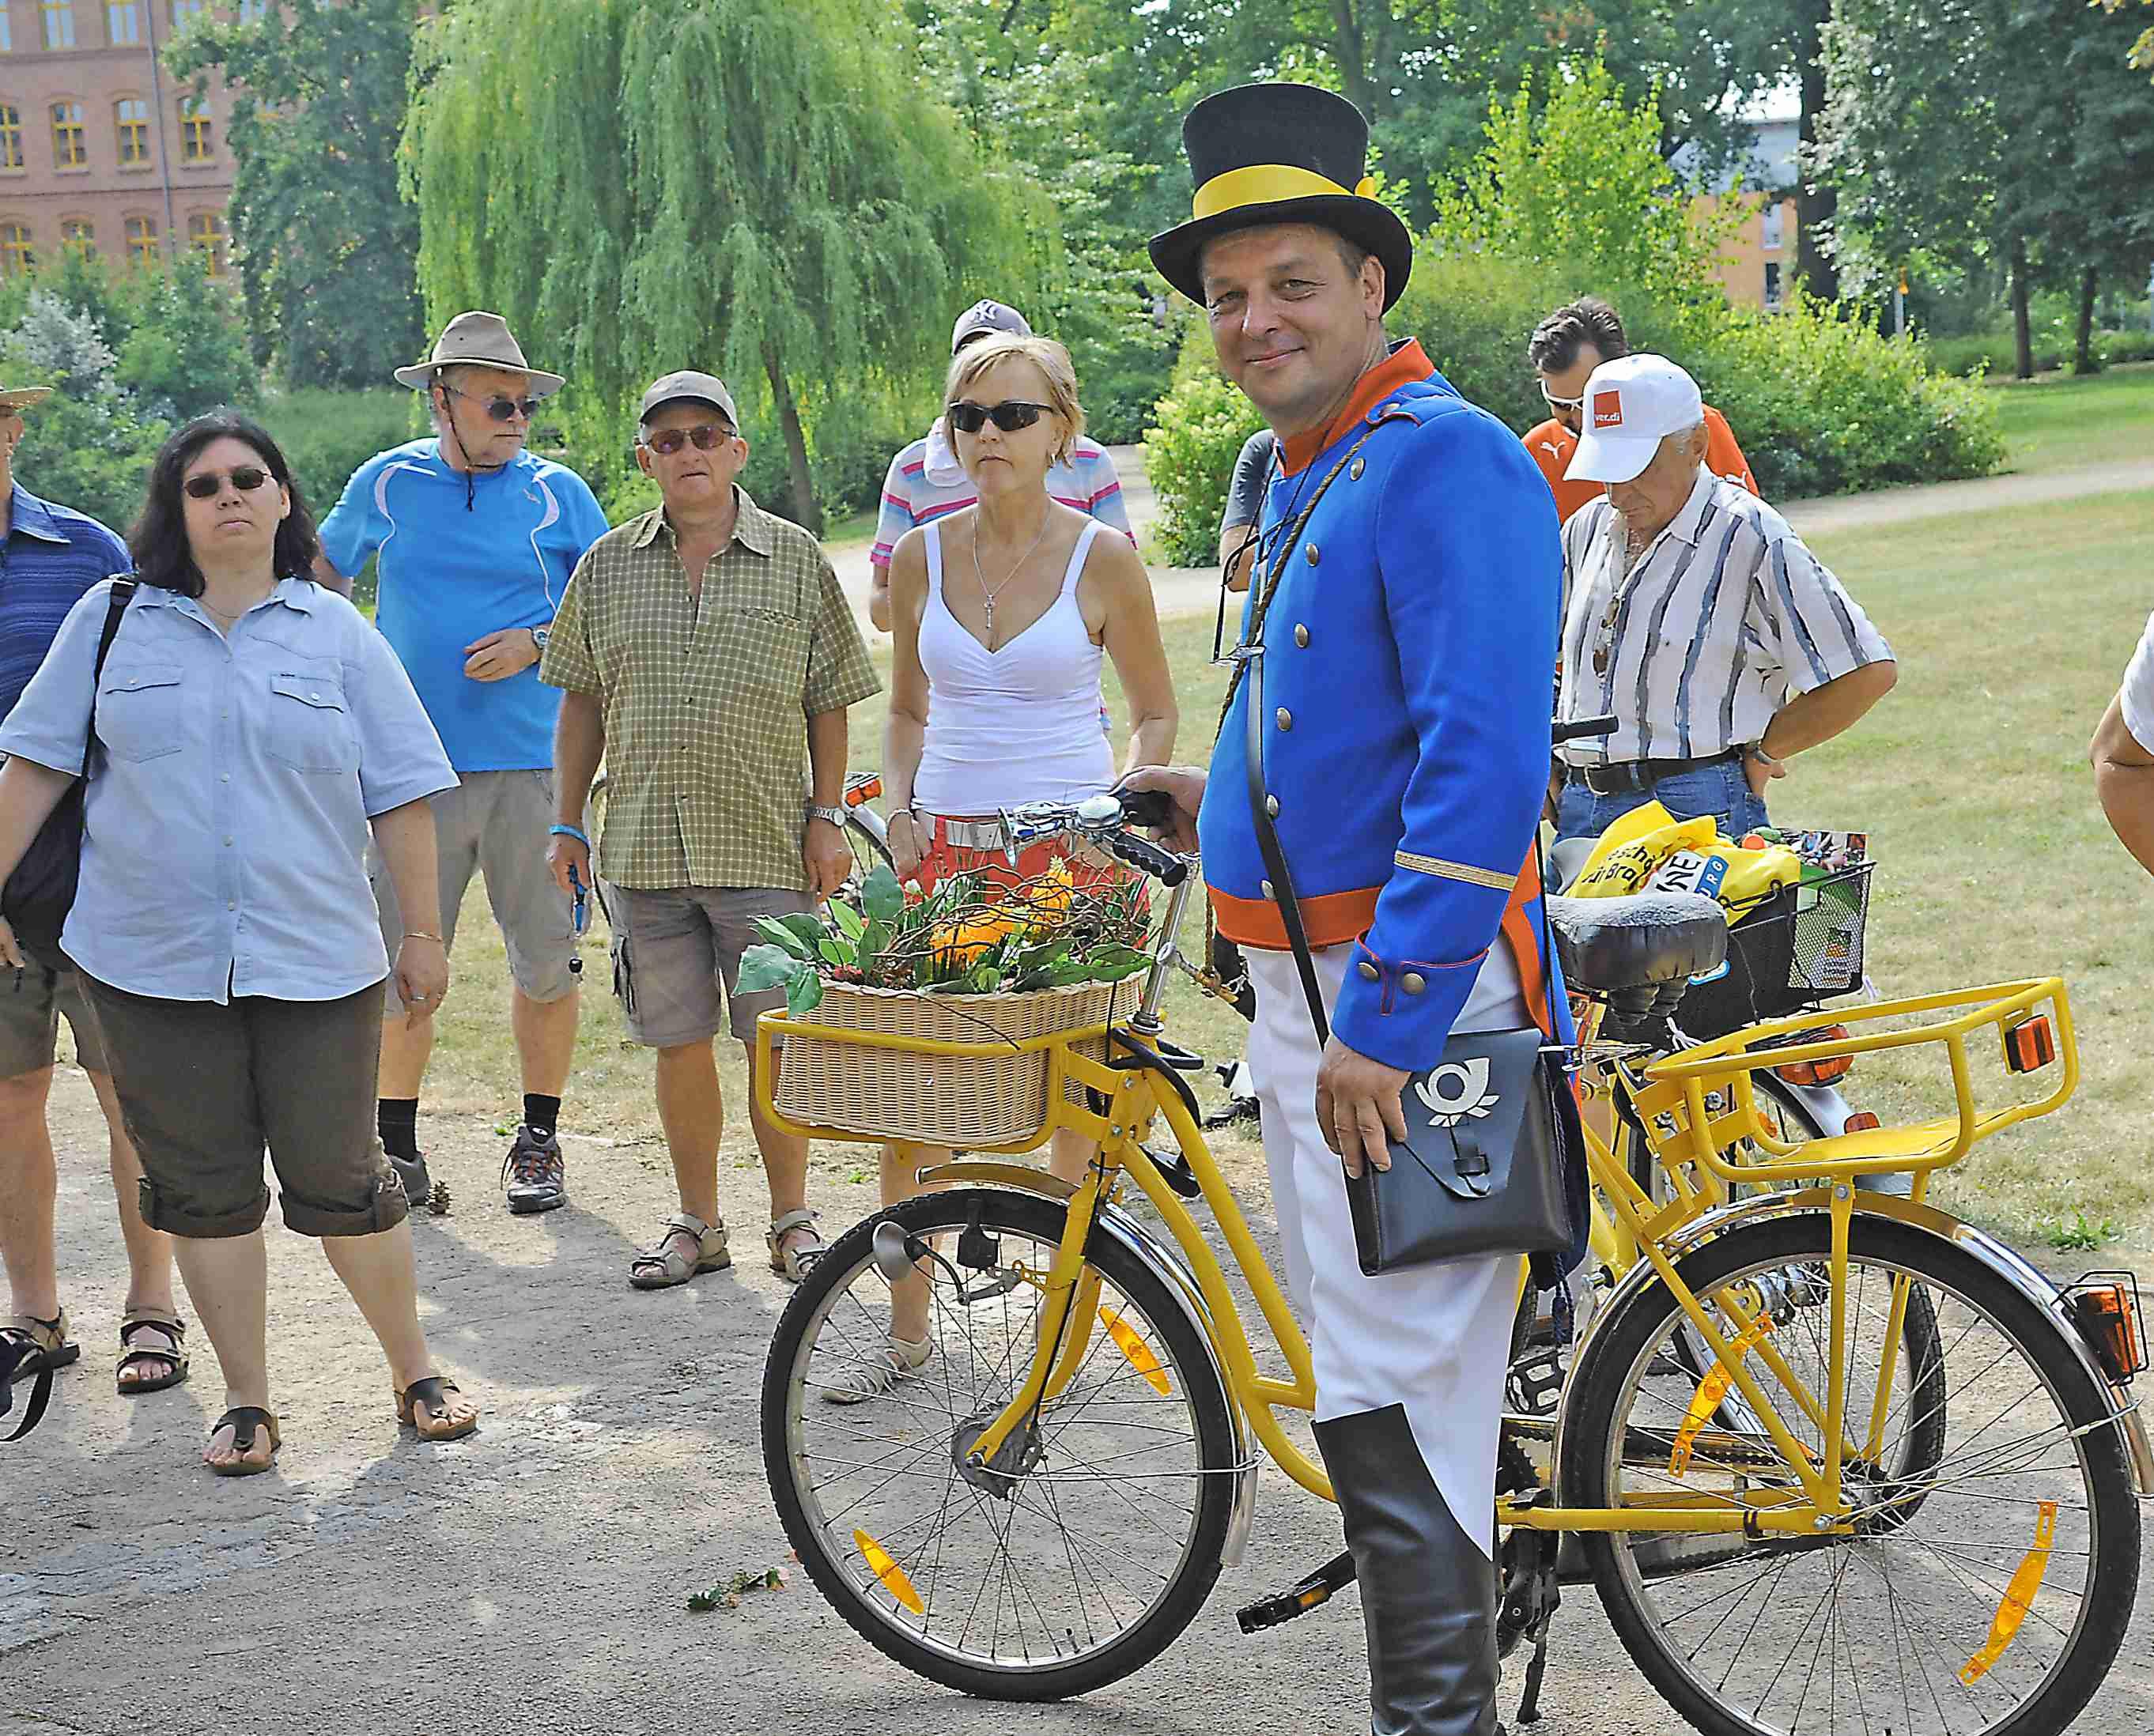 Fahrradkonzert startet am 3.8.14: Radeln und unterwegs Künstlern zuschauen